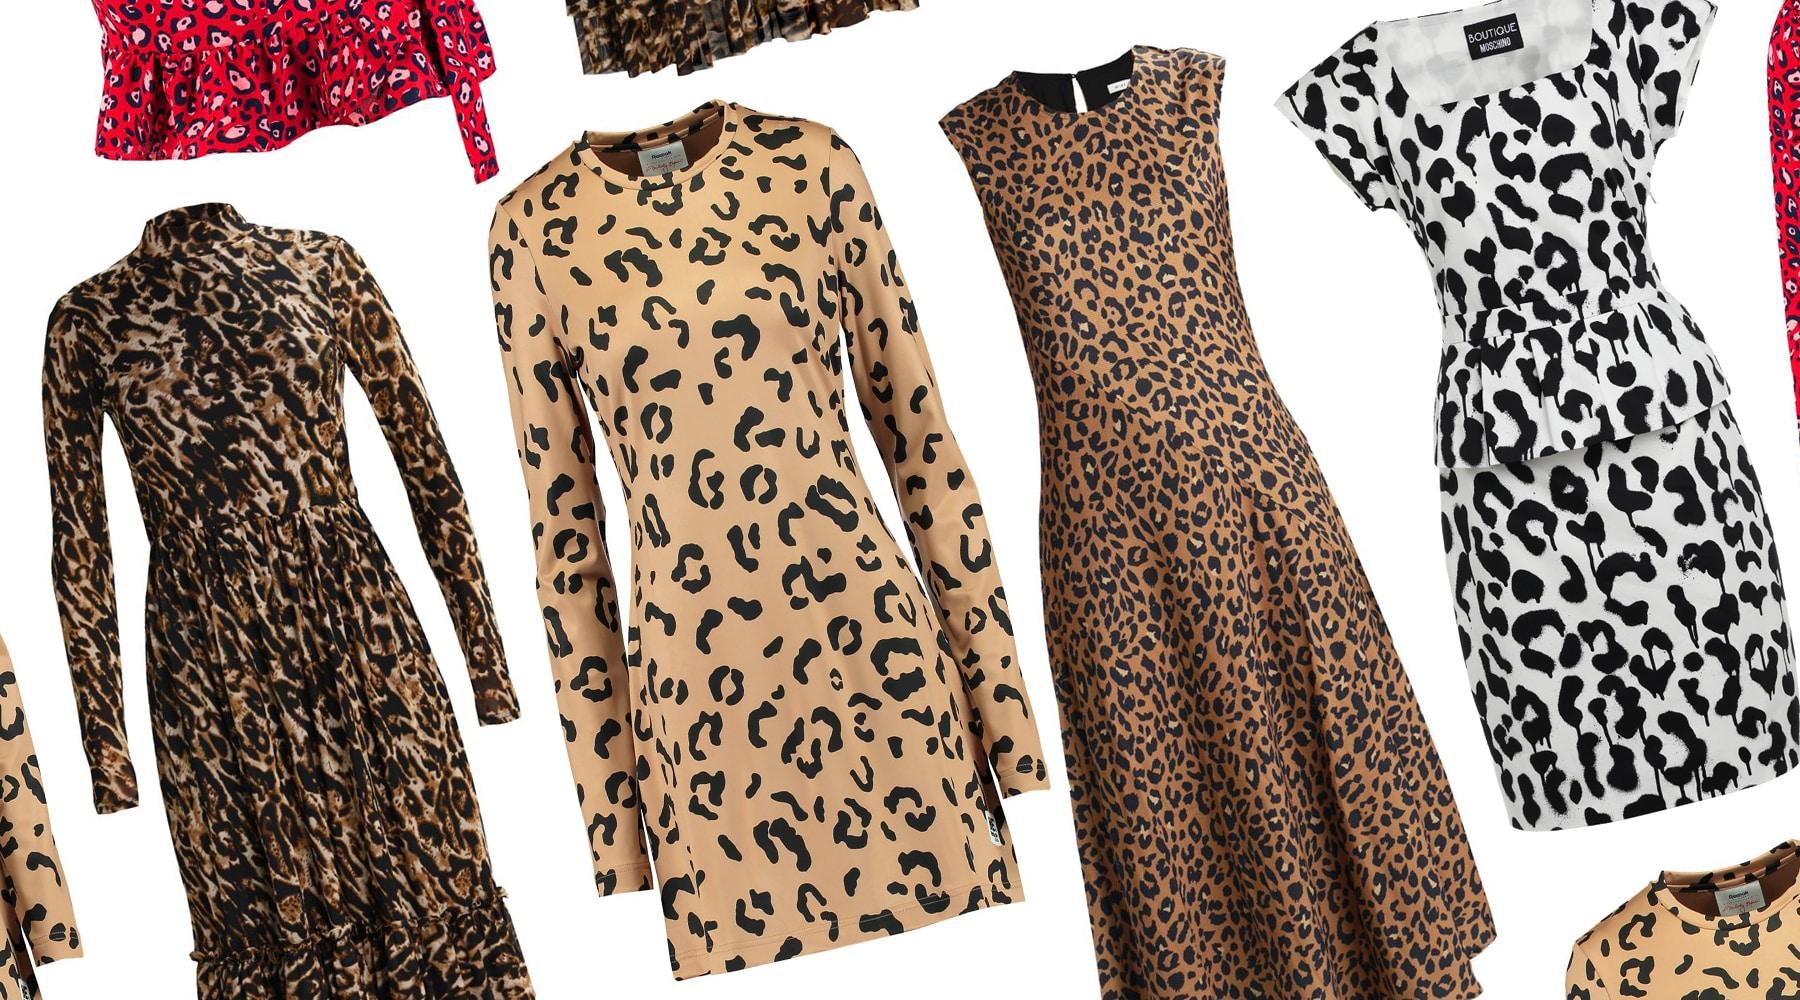 Vestito LeopardatoSìAnche Per La Vestito Per Vestito La LeopardatoSìAnche La Primavera Per LeopardatoSìAnche Primavera sQdxChrt